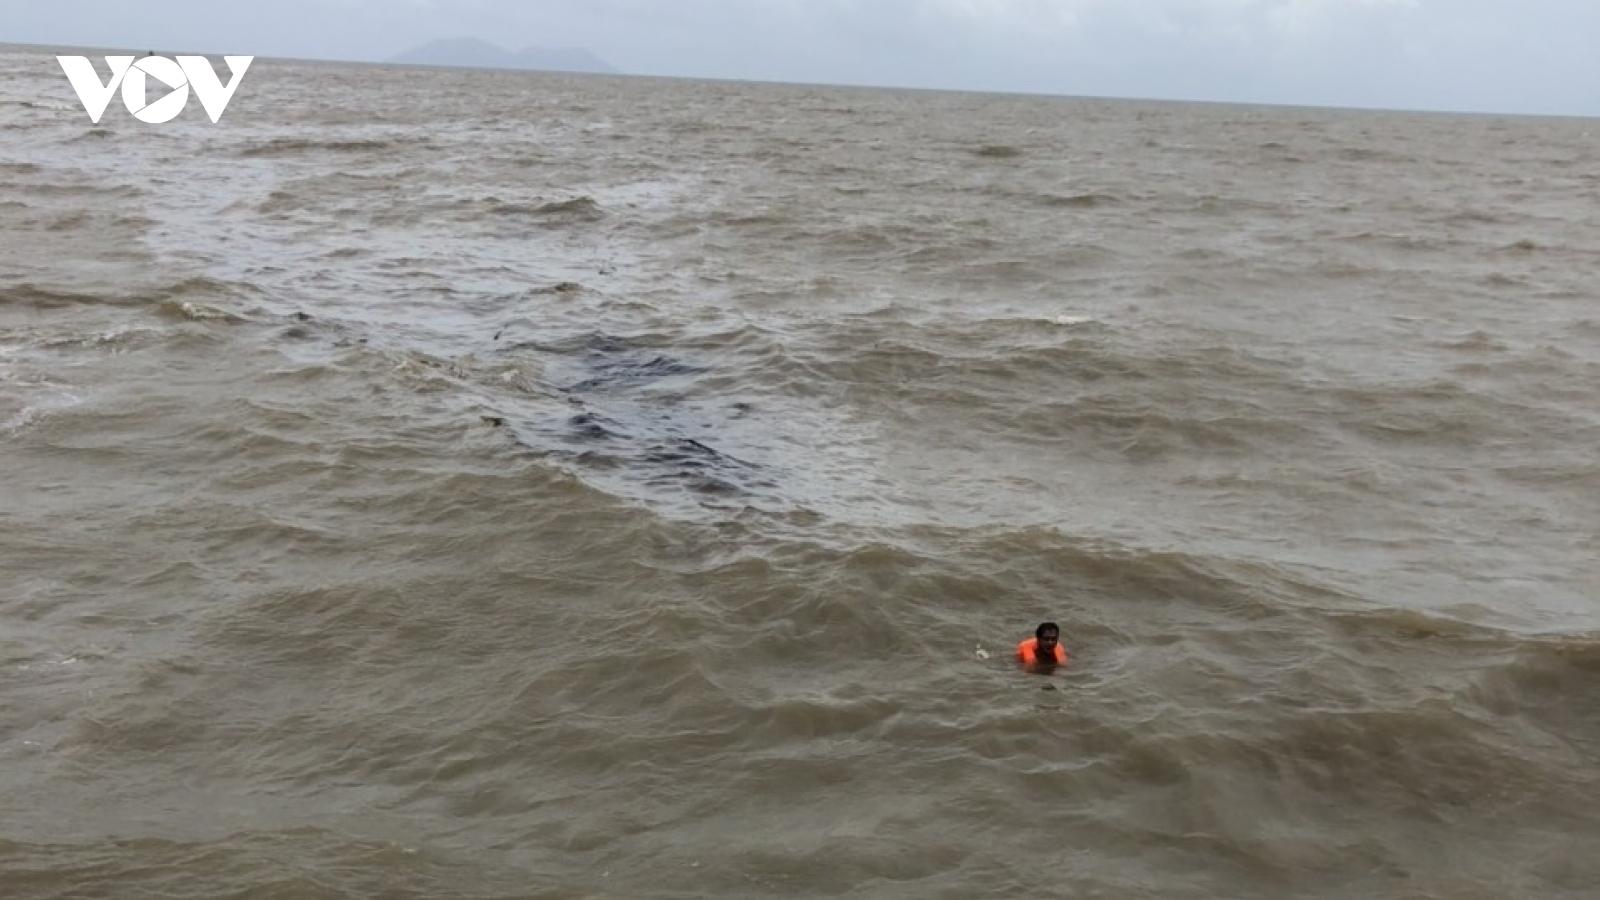 Sóng biển lớn khiến một tàu chở vật liệu xây dựng bị chìm trên biển ở Kiên Giang